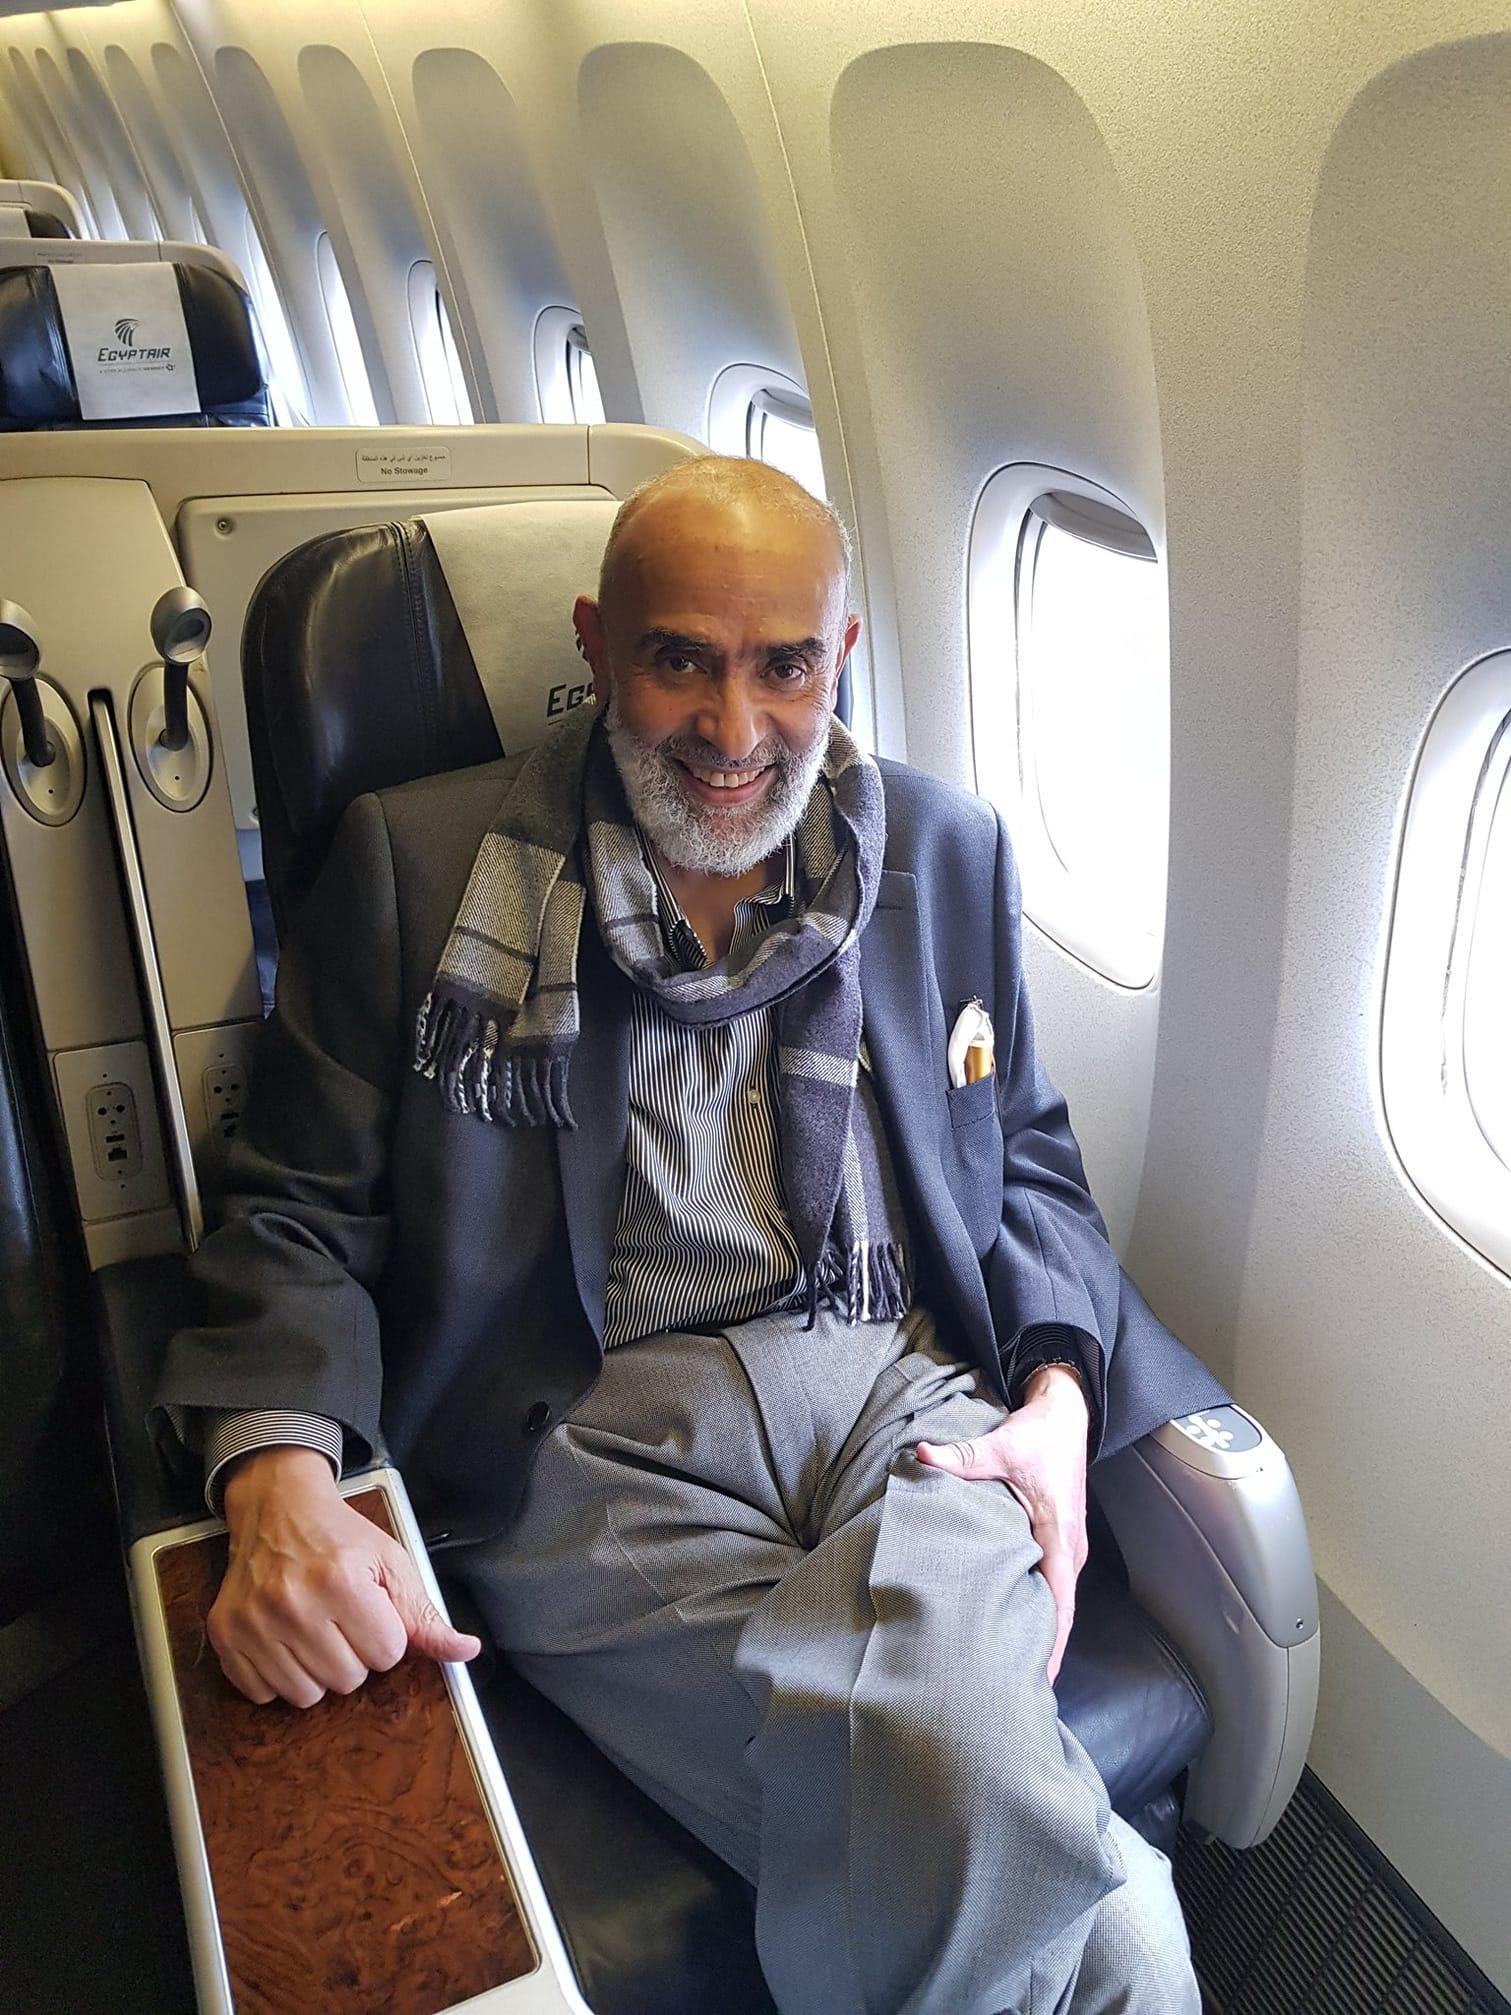 وصول رجل الأعمال أشرف السعد إلى مطار القاهرة